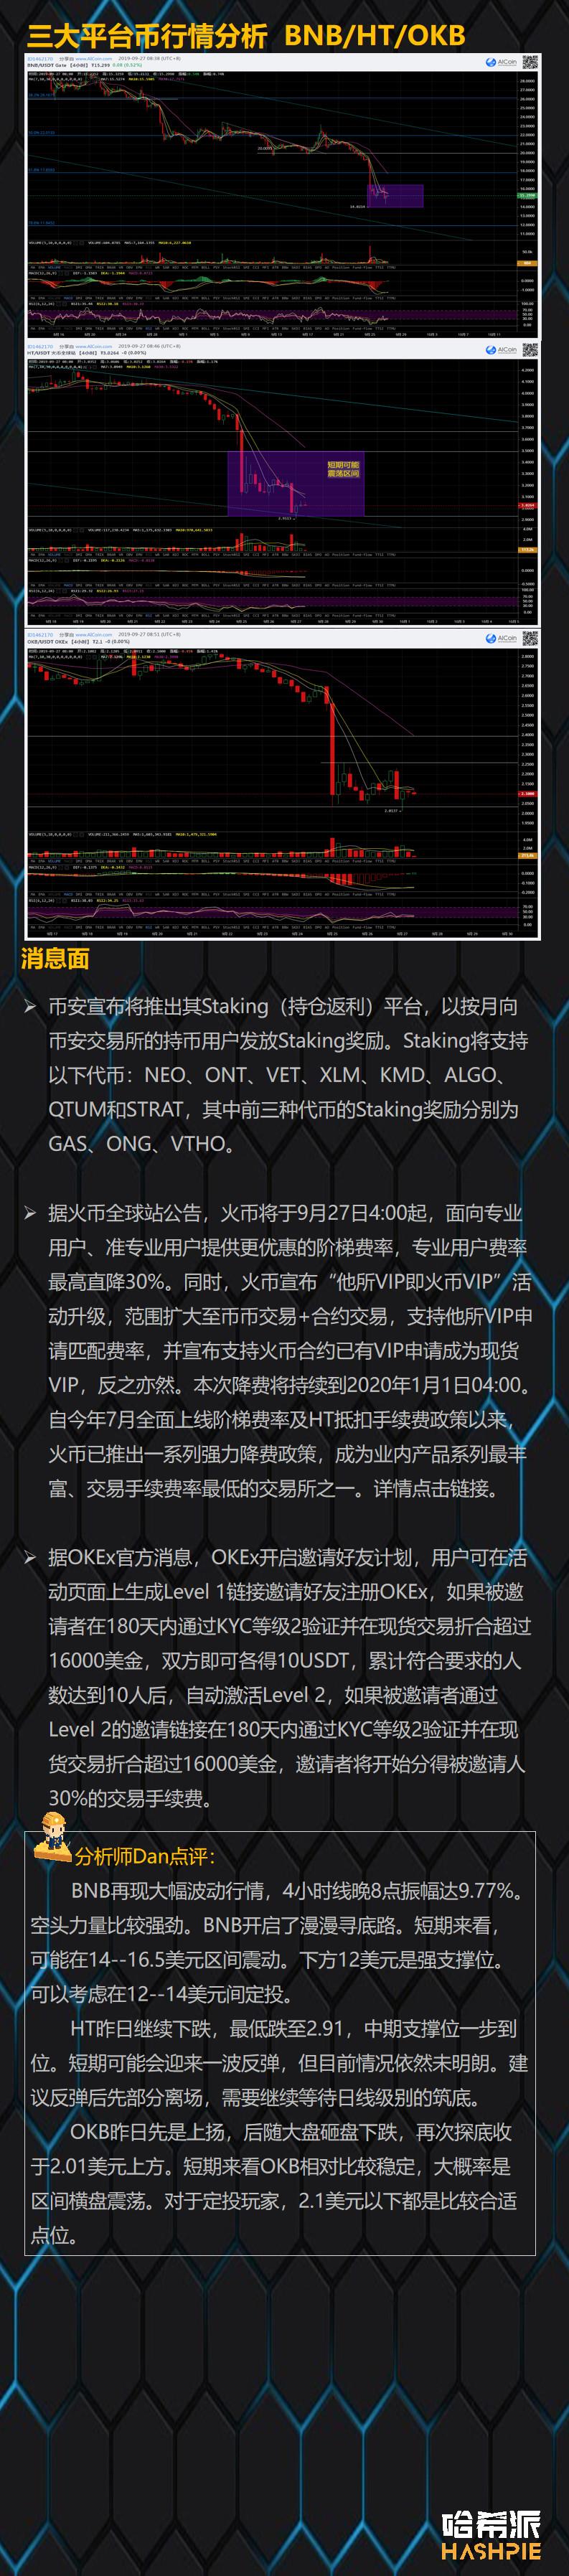 【行情日报】大盘超卖现象严重,短期指标有待修复